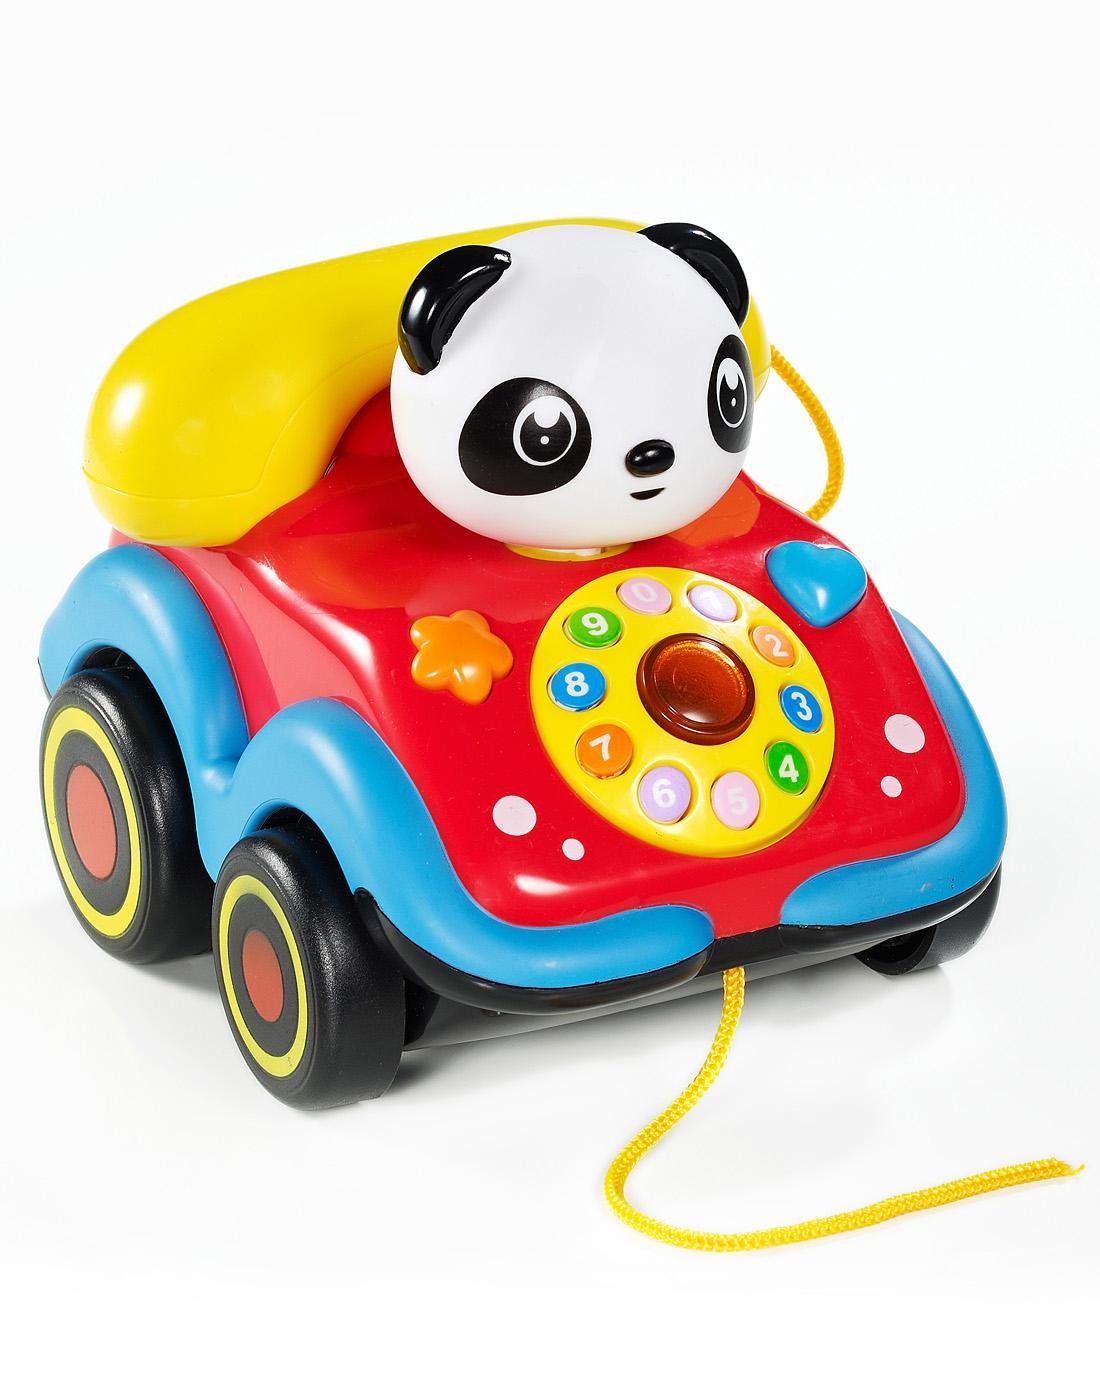 摇头小动物音乐电话车-熊猫 2-2035-1